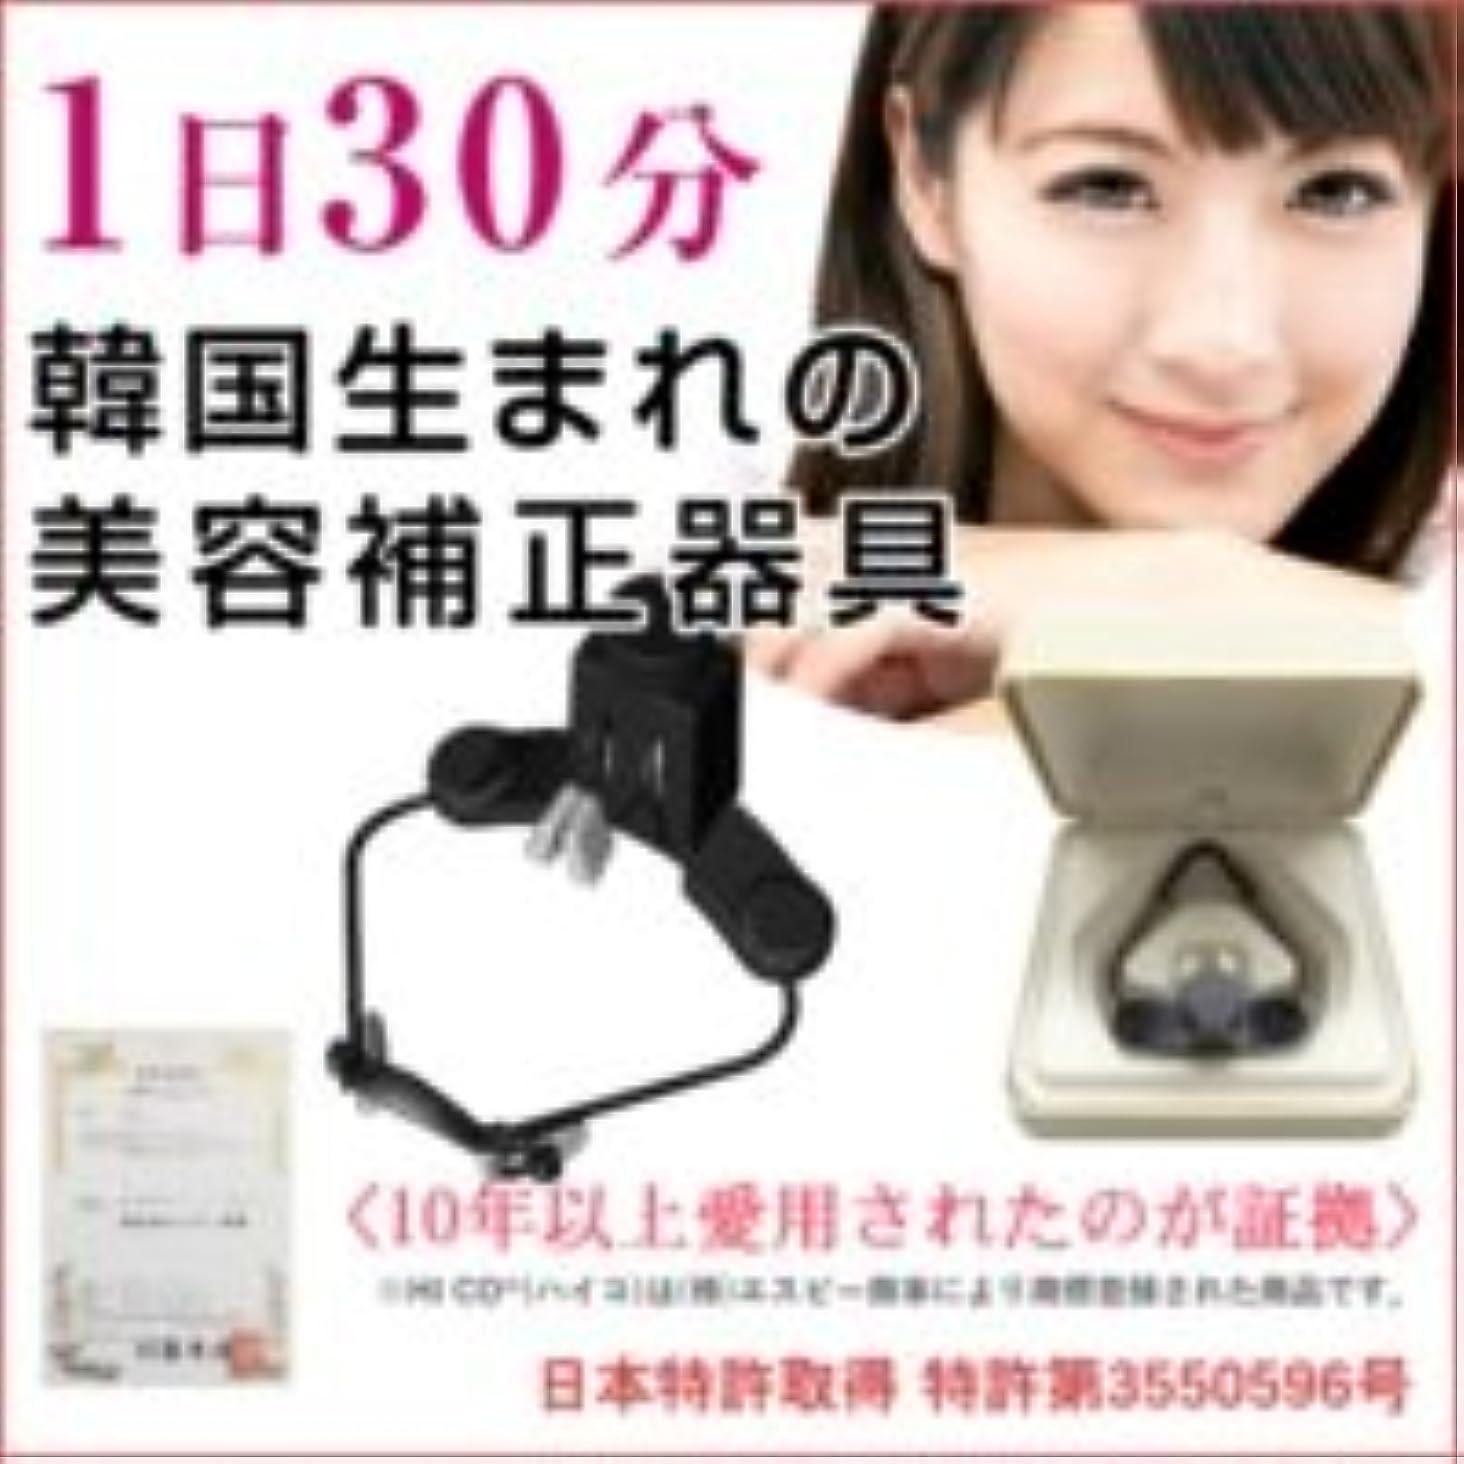 ピューペルソナそのようなハイコ (HICO) 美鼻補整器具